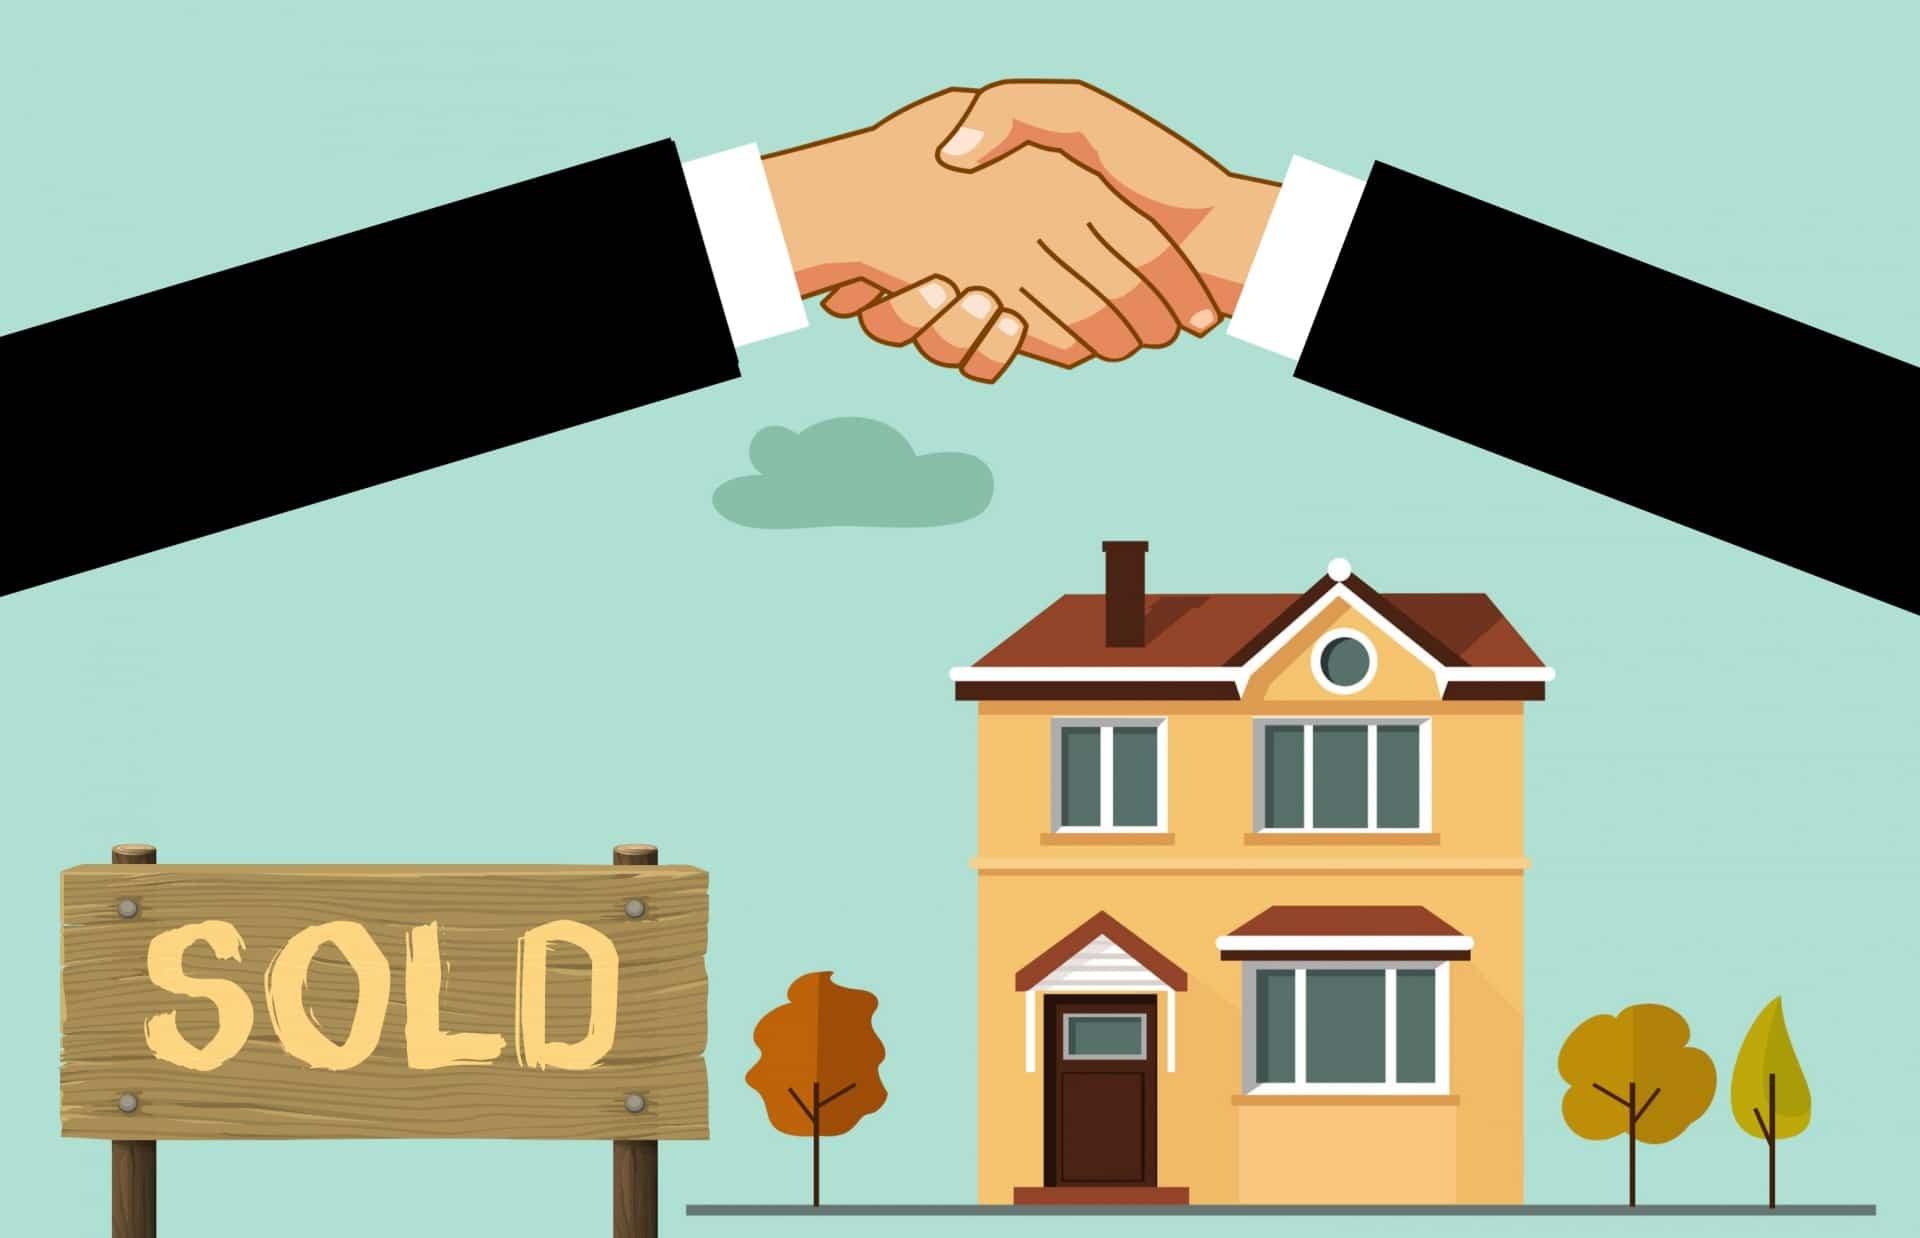 Sube el precio de la vivienda en abril, aunque no lo esperado 5